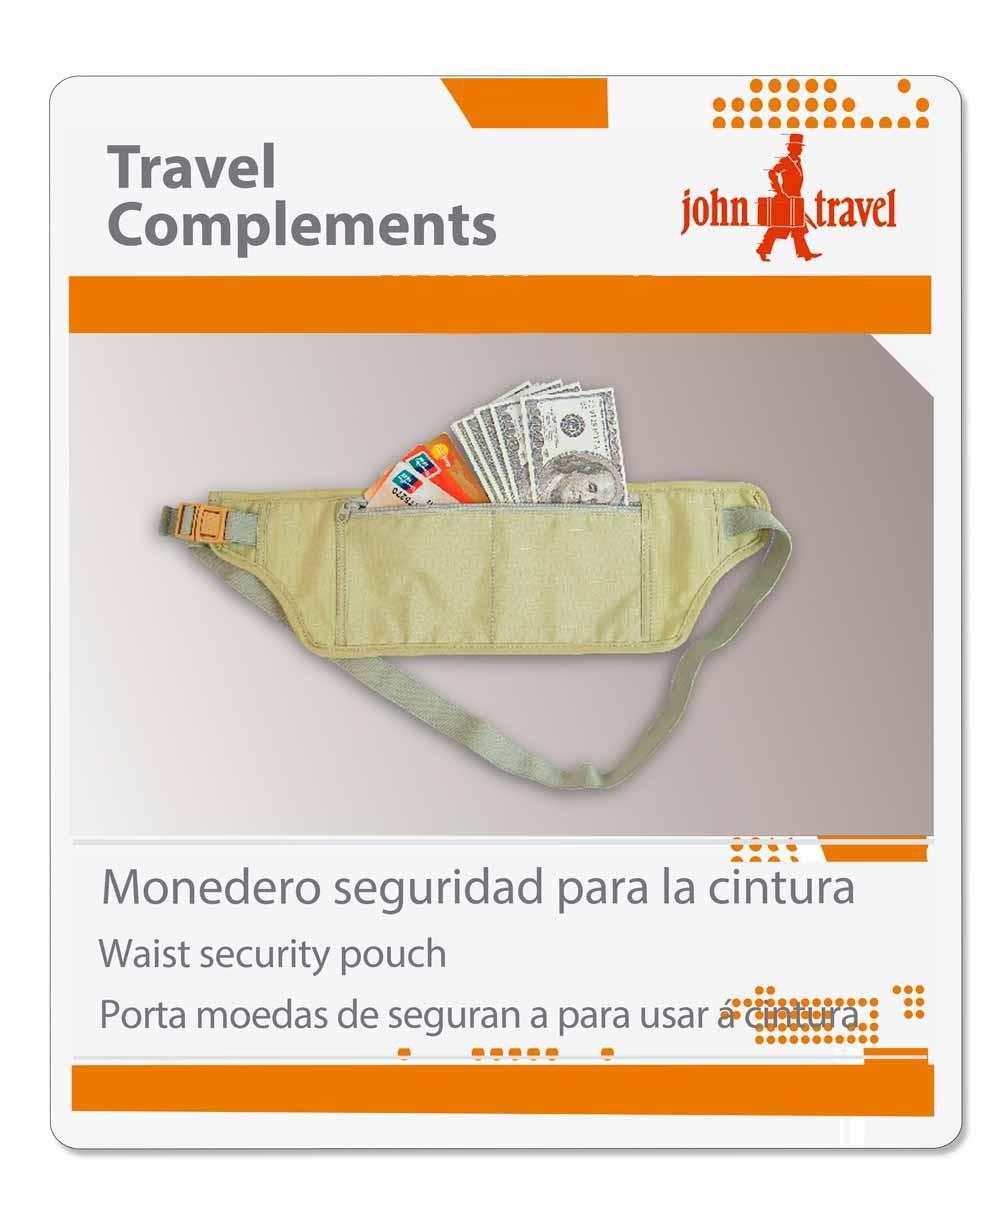 John Travel Monedero de seguridad para cintura (Foto )